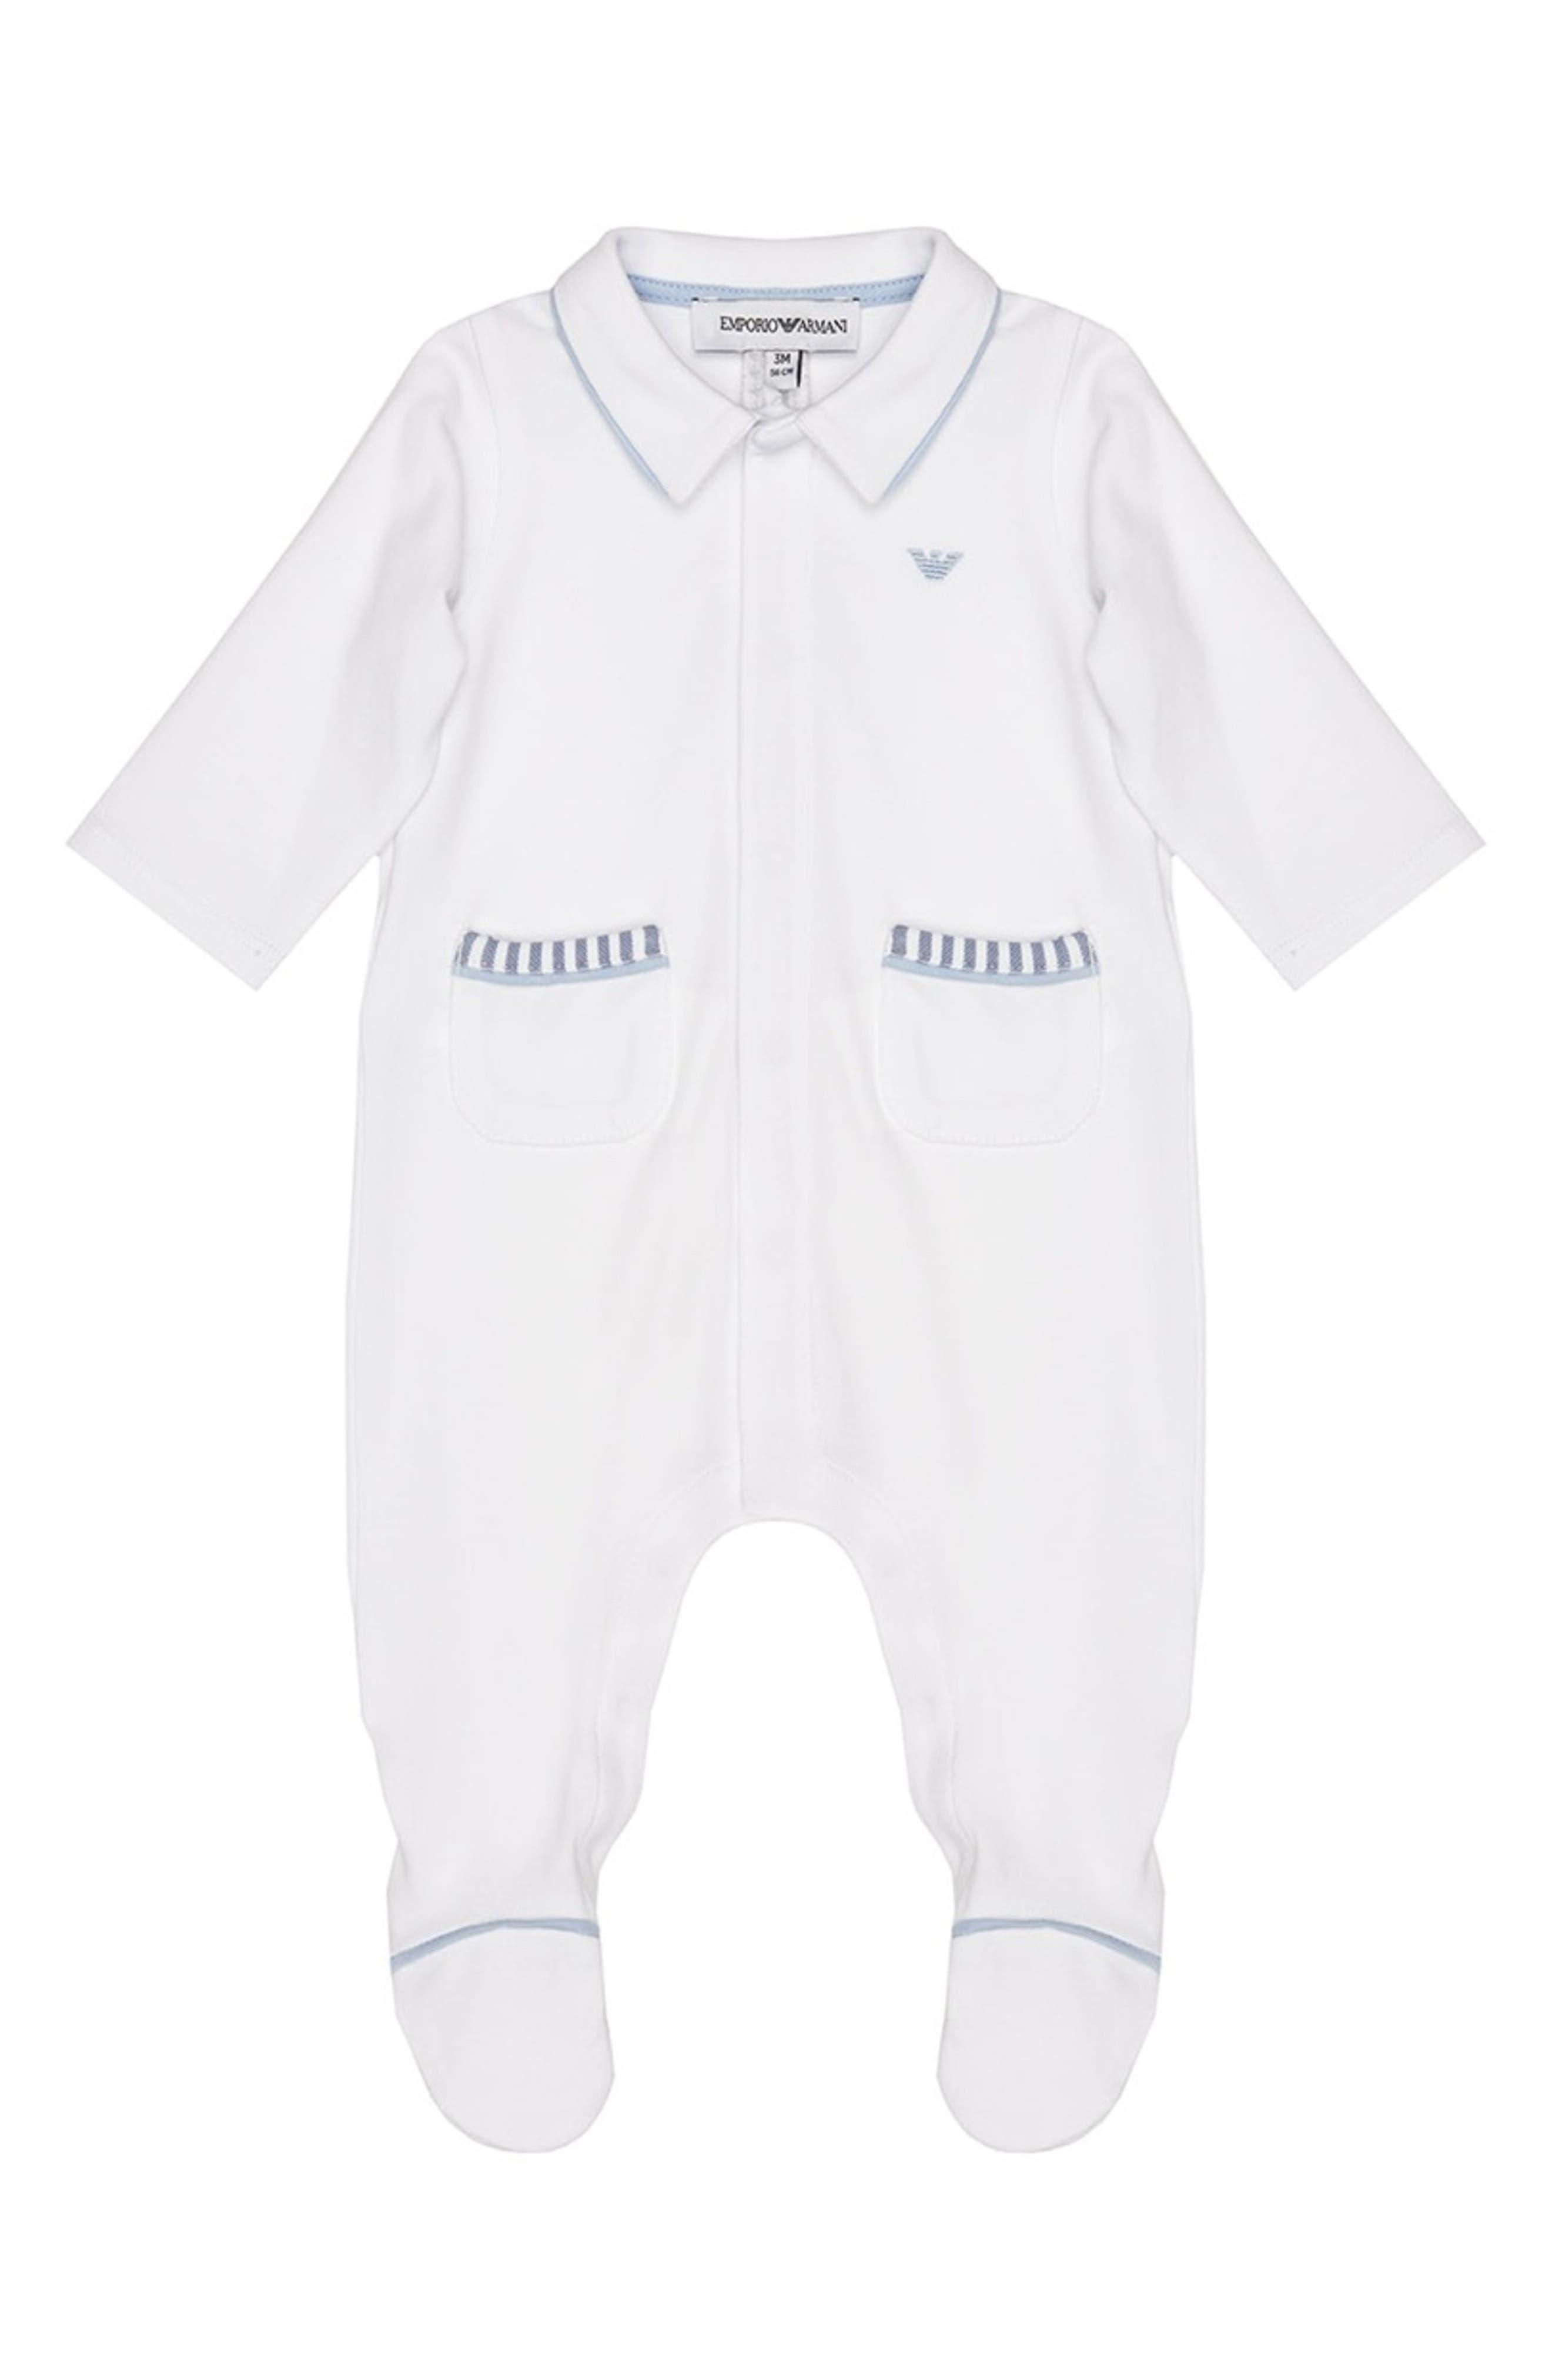 7d14ecae28f9 Armani Junior Clothing